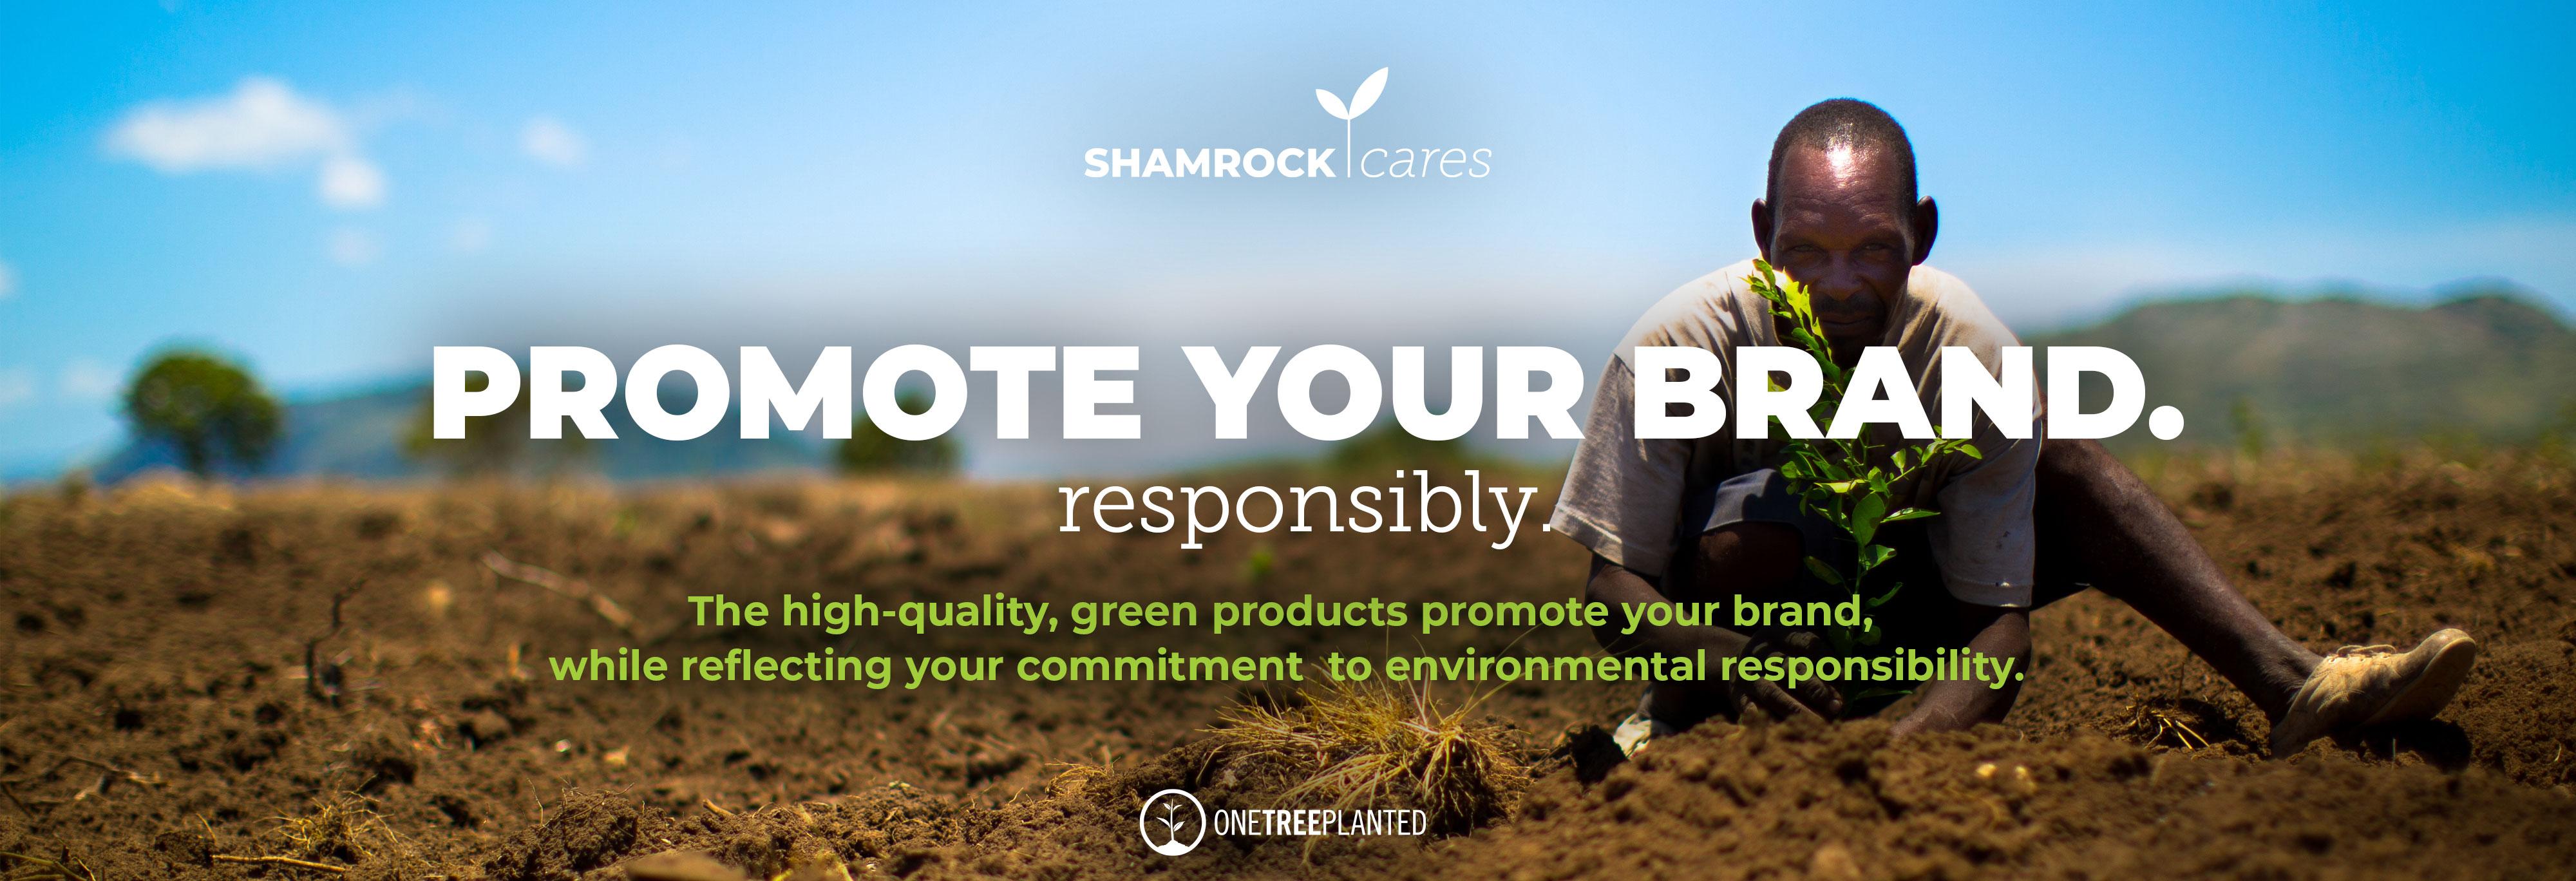 Shamrock Cares 4